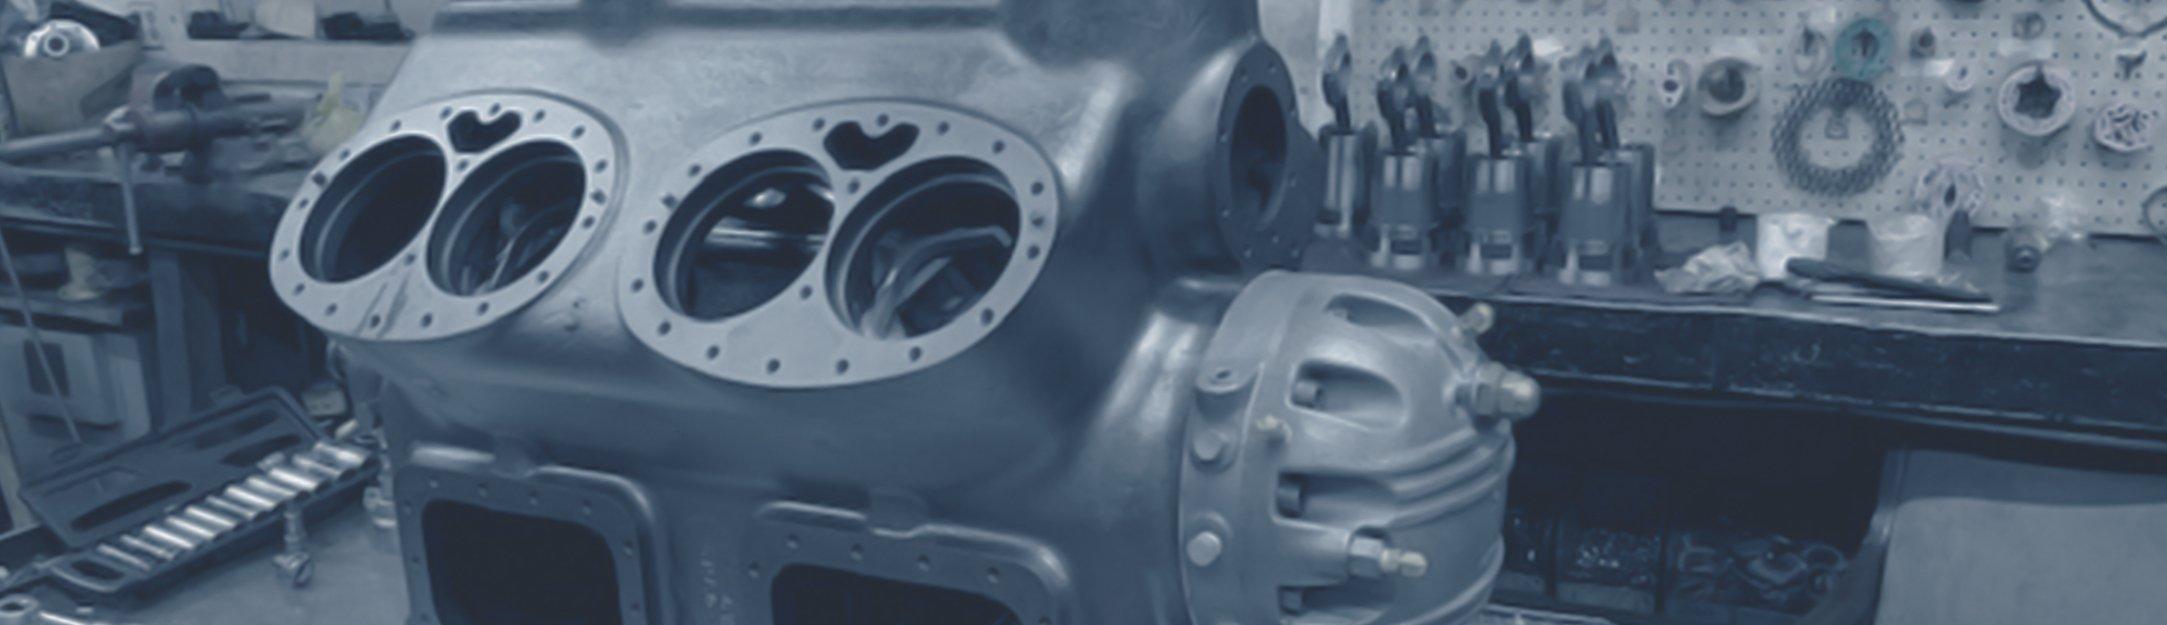 Compressor-Revised